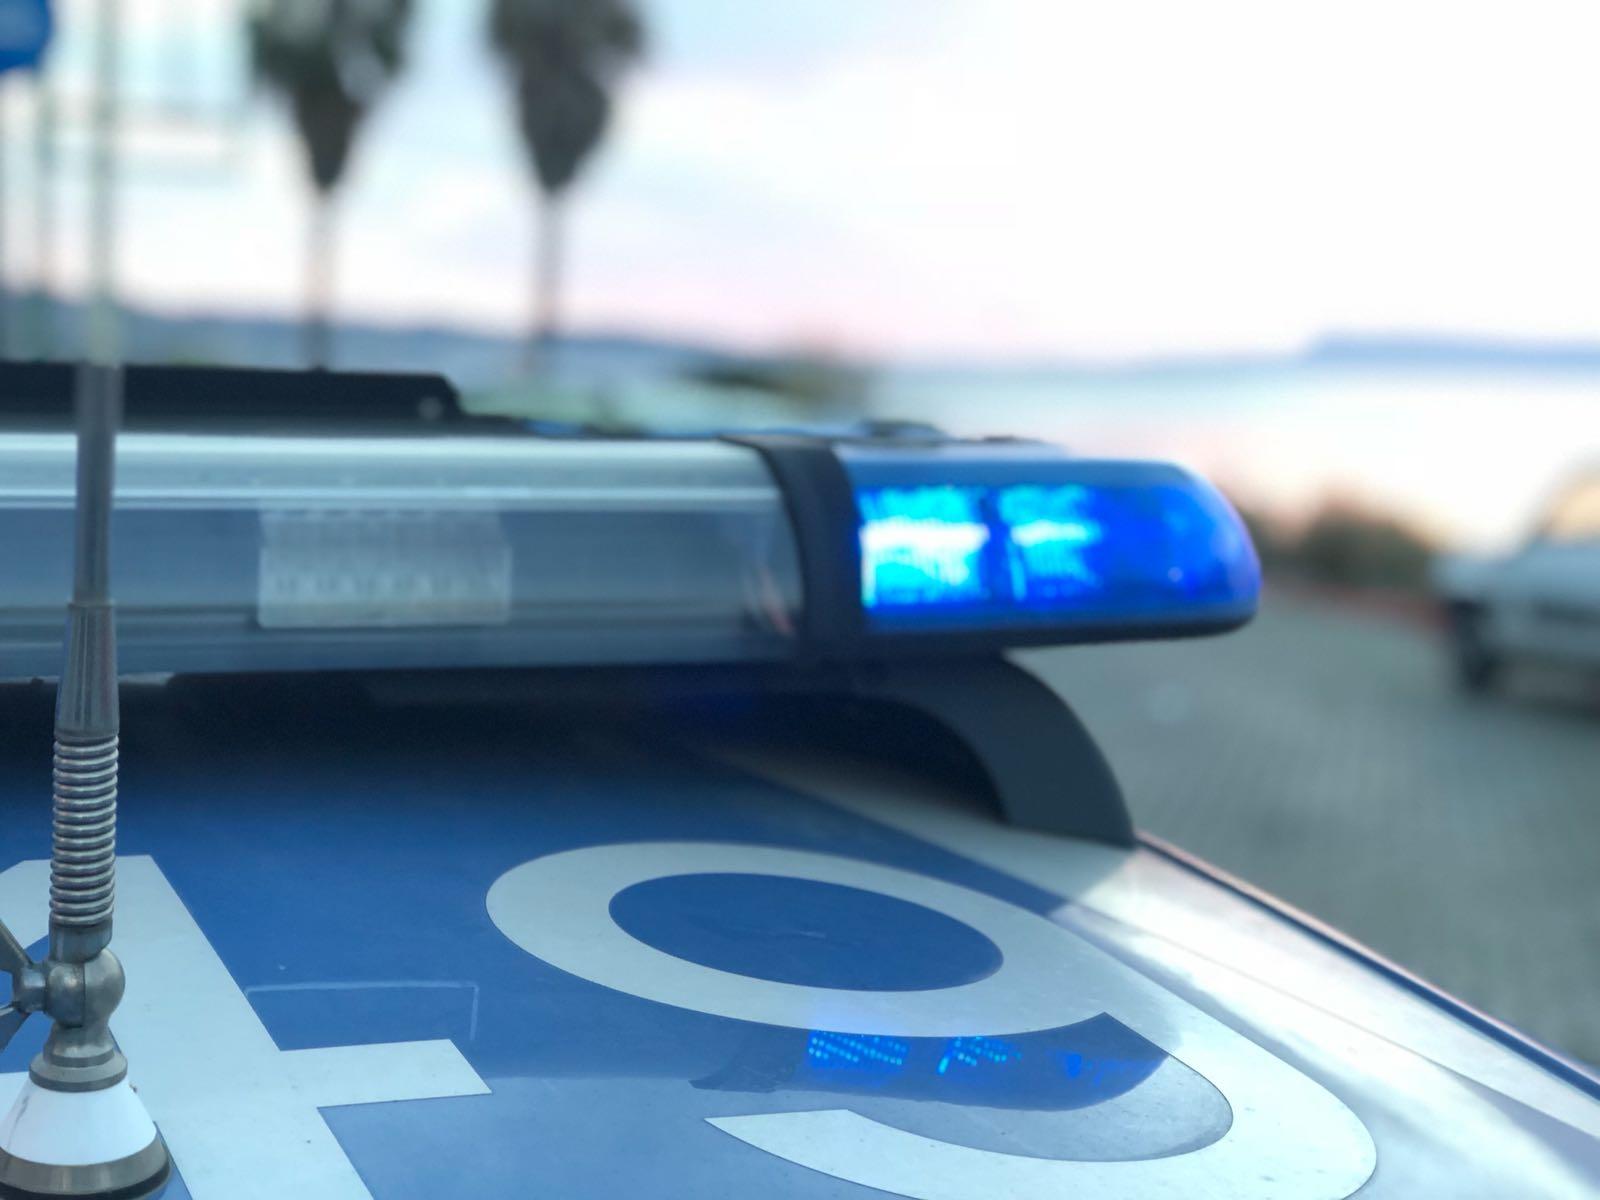 Minacce, droga e botte, arrestati due messinesi: uno è finanziere